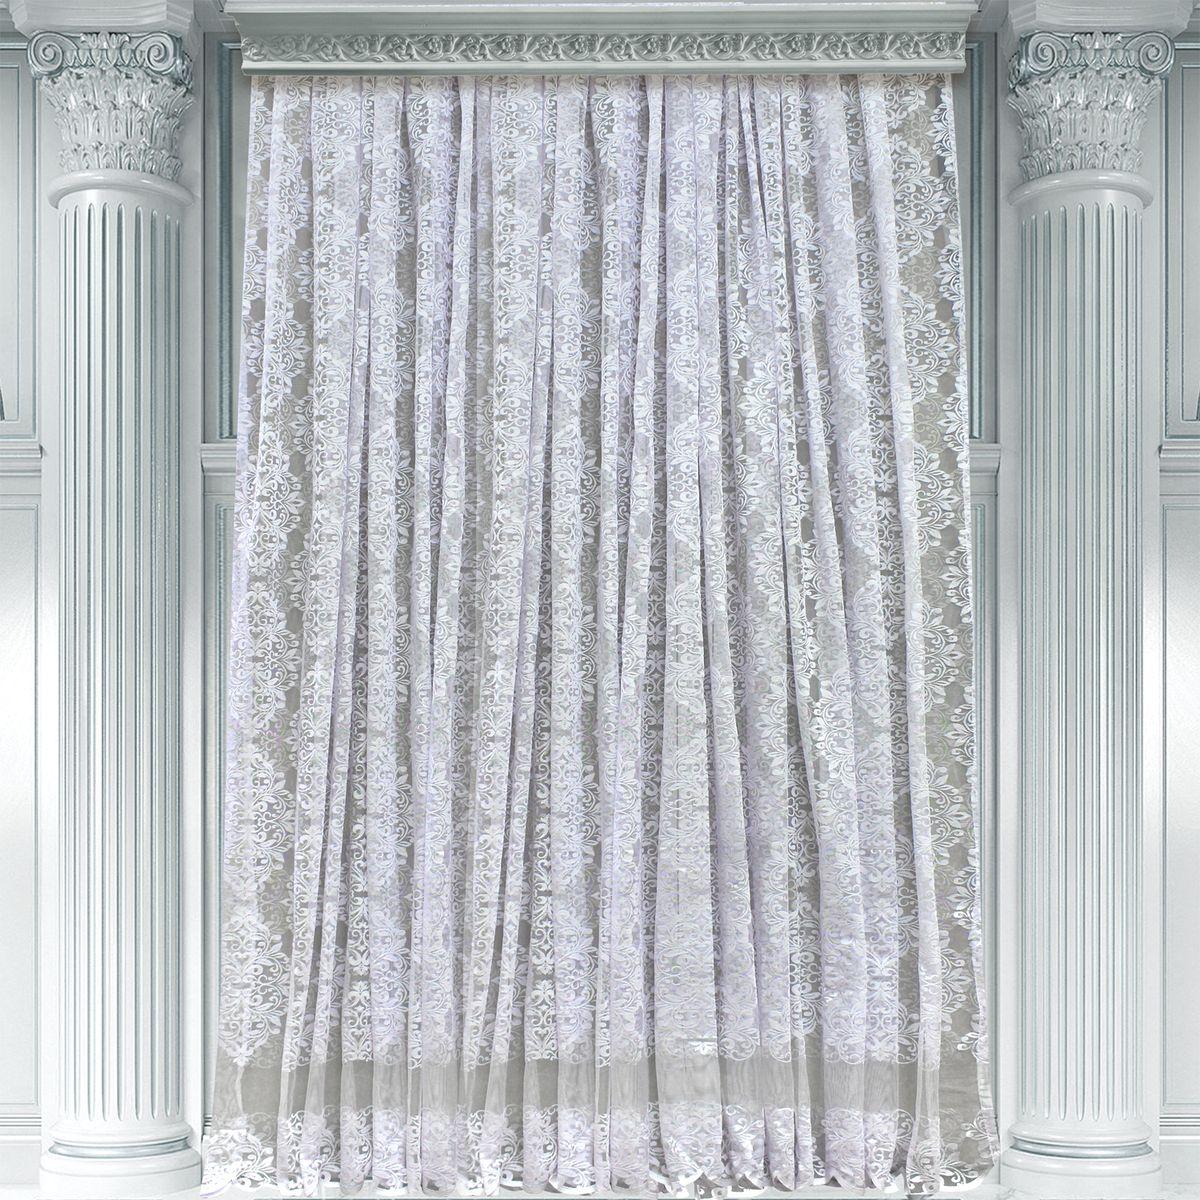 Тюль Amore Mio, на ленте, цвет: белый, высота 270 см. RR 36035W77654Тюль Amore Mio изготовлен из 100% полиэстера. Воздушная ткань привлечет к себе внимание и идеально оформит интерьер любого помещения. Полиэстер - вид ткани, состоящий из полиэфирных волокон. Ткани из полиэстера легкие, прочные и износостойкие. Такие изделия не требуют специального ухода, не пылятся и почти не мнутся.Крепление к карнизу осуществляется при помощи вшитой шторной ленты.